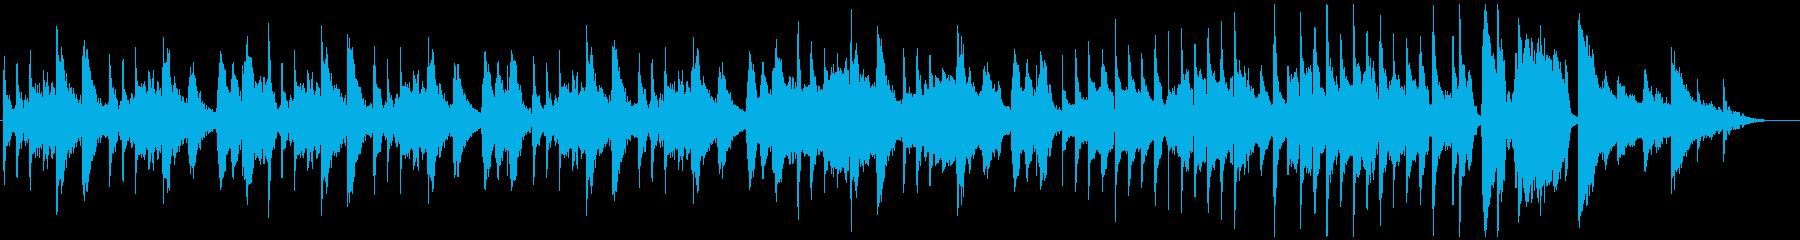 おばけホラーなBGM・何かがでてきそうの再生済みの波形